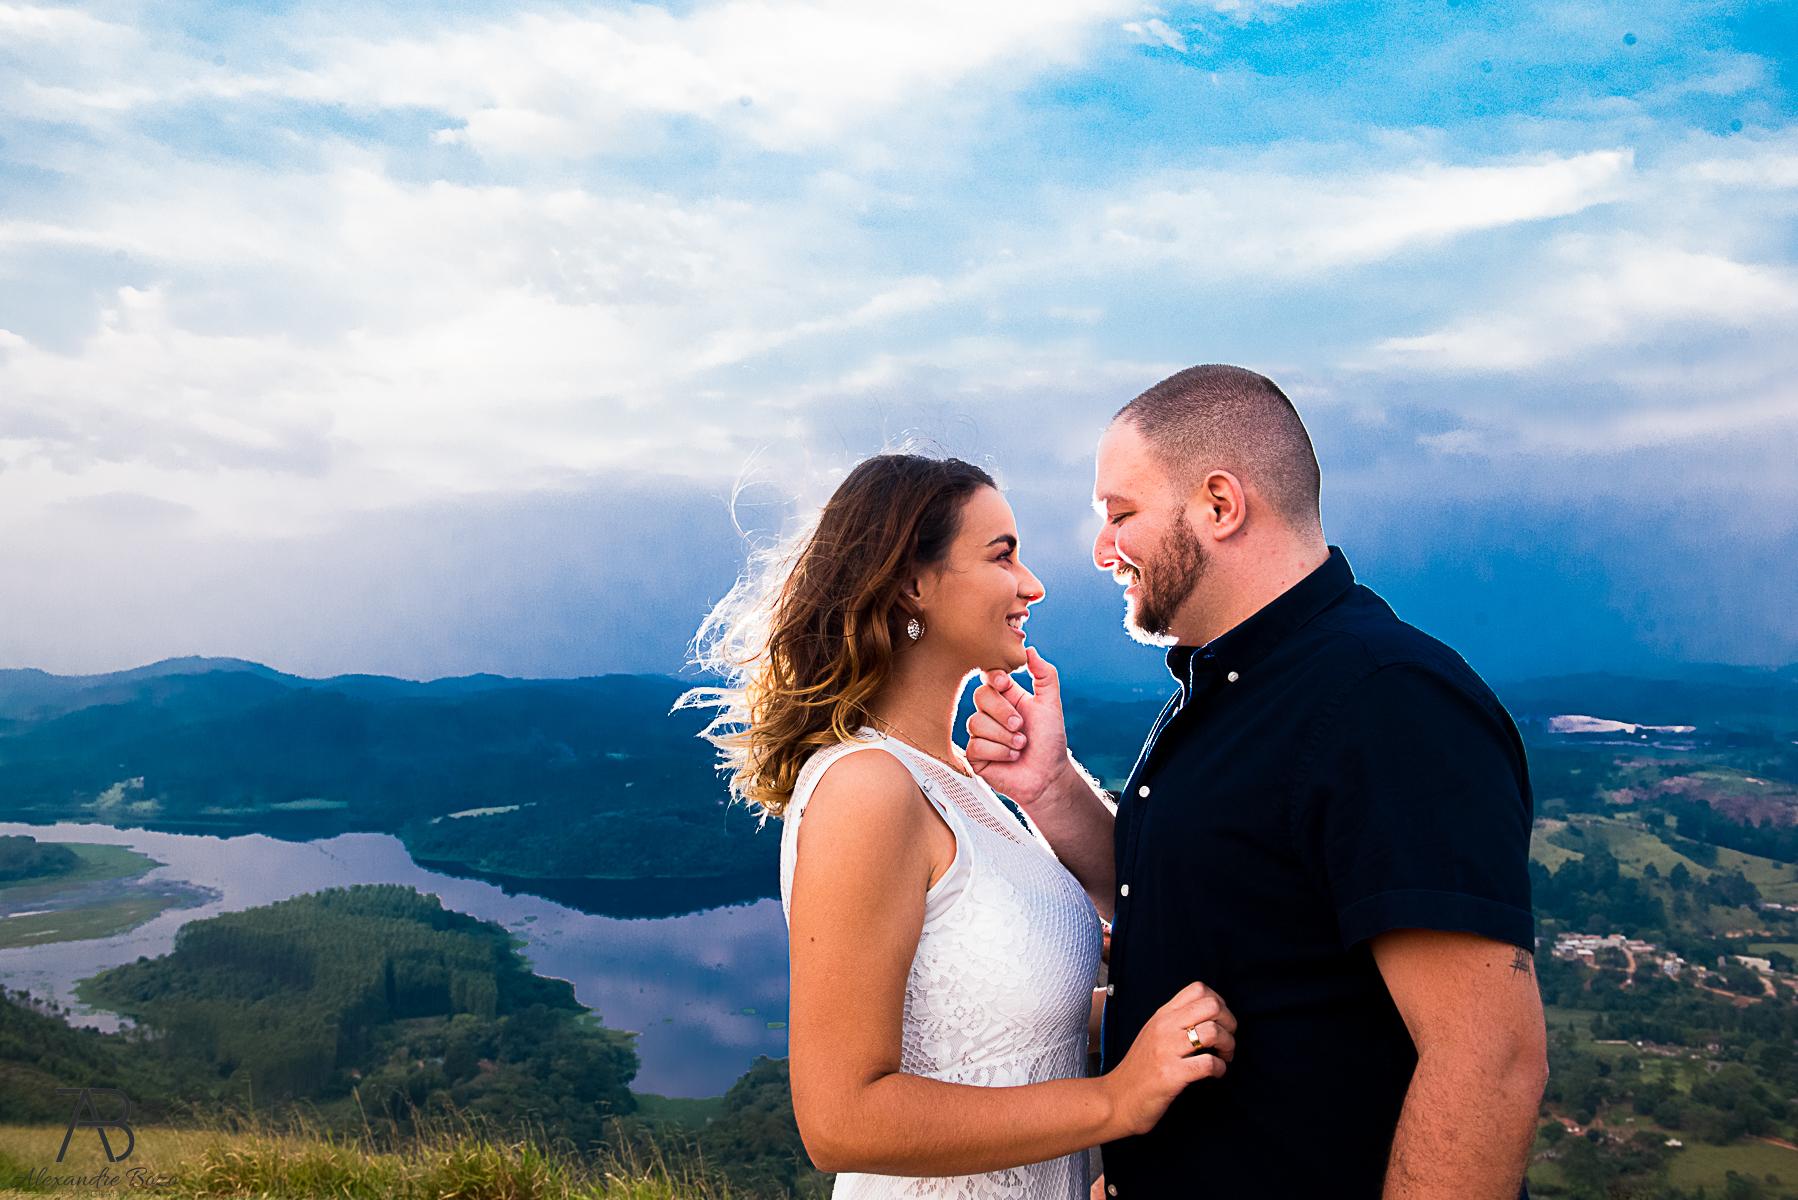 Sobre Fotografo de casamento SP,  Fotografia de casamento SP, Fotografo de casamento sp, fotografo sp, Fotografo de casamento Barato SP , Fotografia Casamento barato, Foto jornalismo de casamento